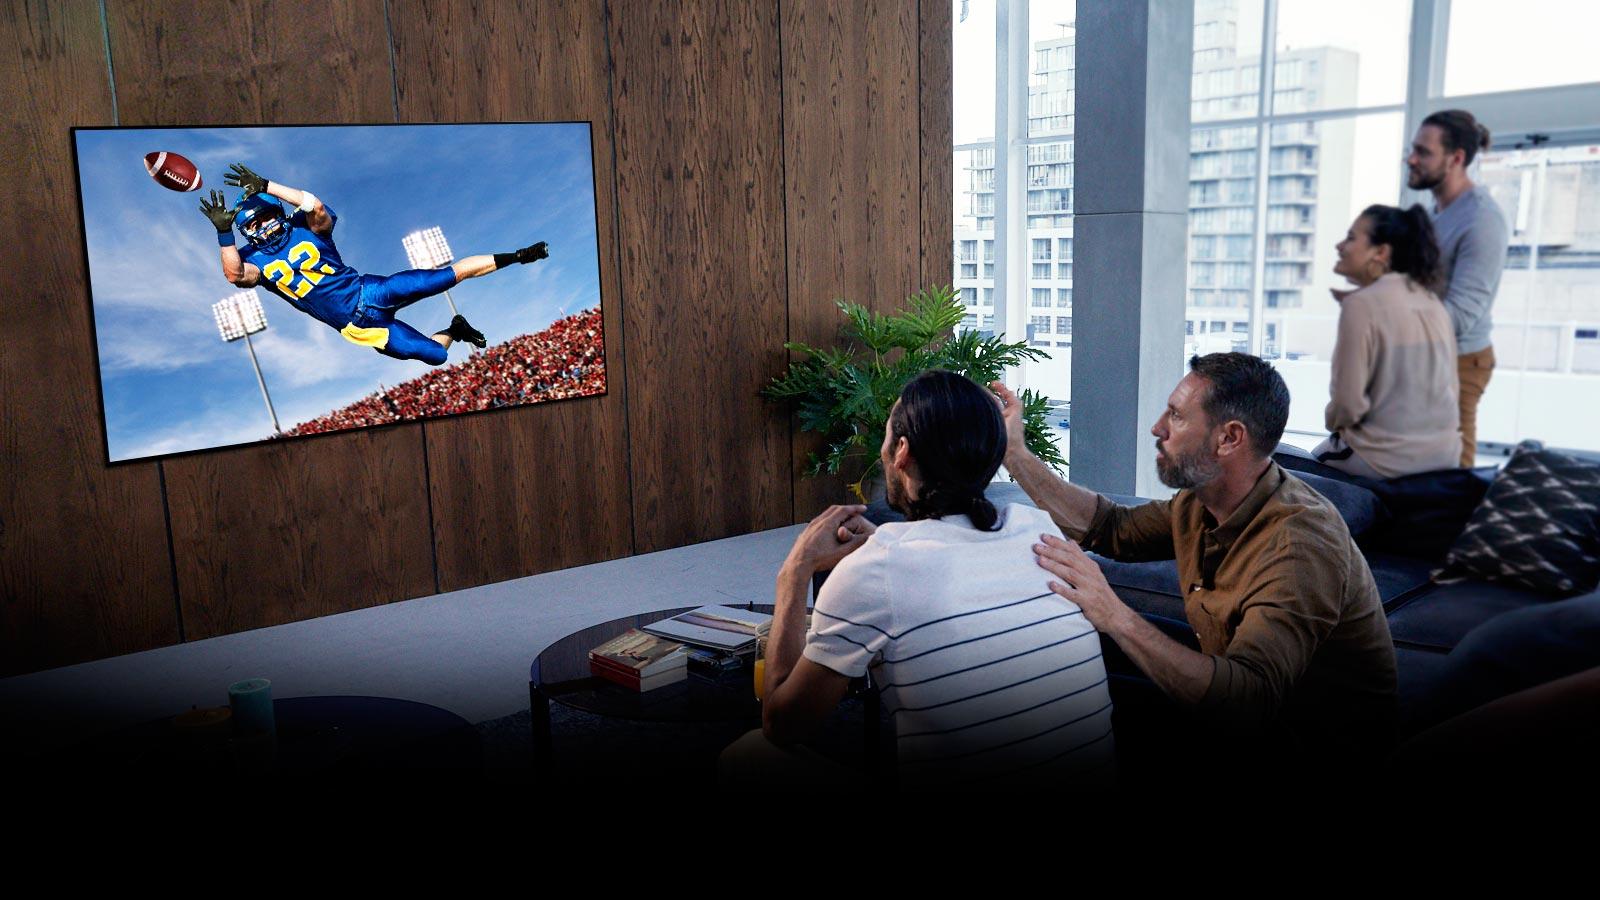 Ljudi koji gledaju utakmicu američkog nogometa na TV-u u dnevnoj sobi